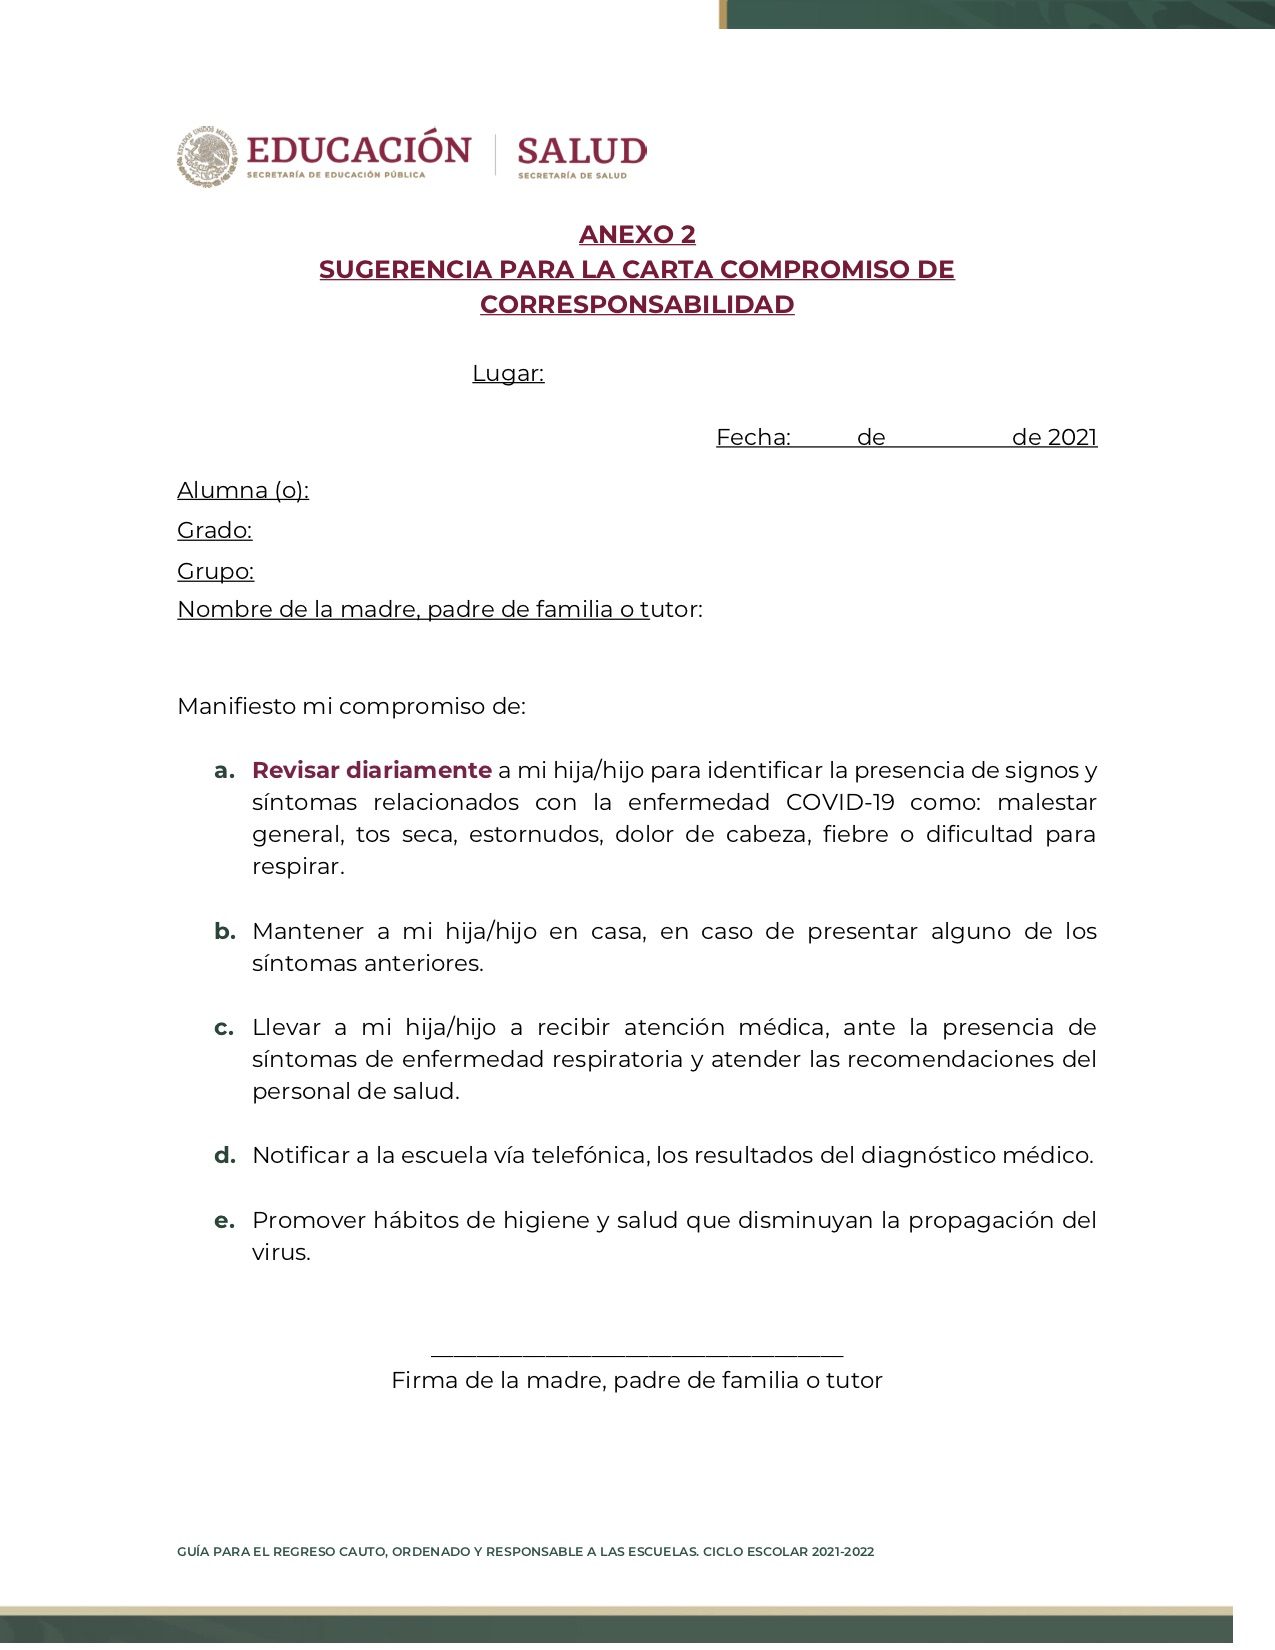 carta-compromiso-corresponsabilidad-secretaria-educacion-publica